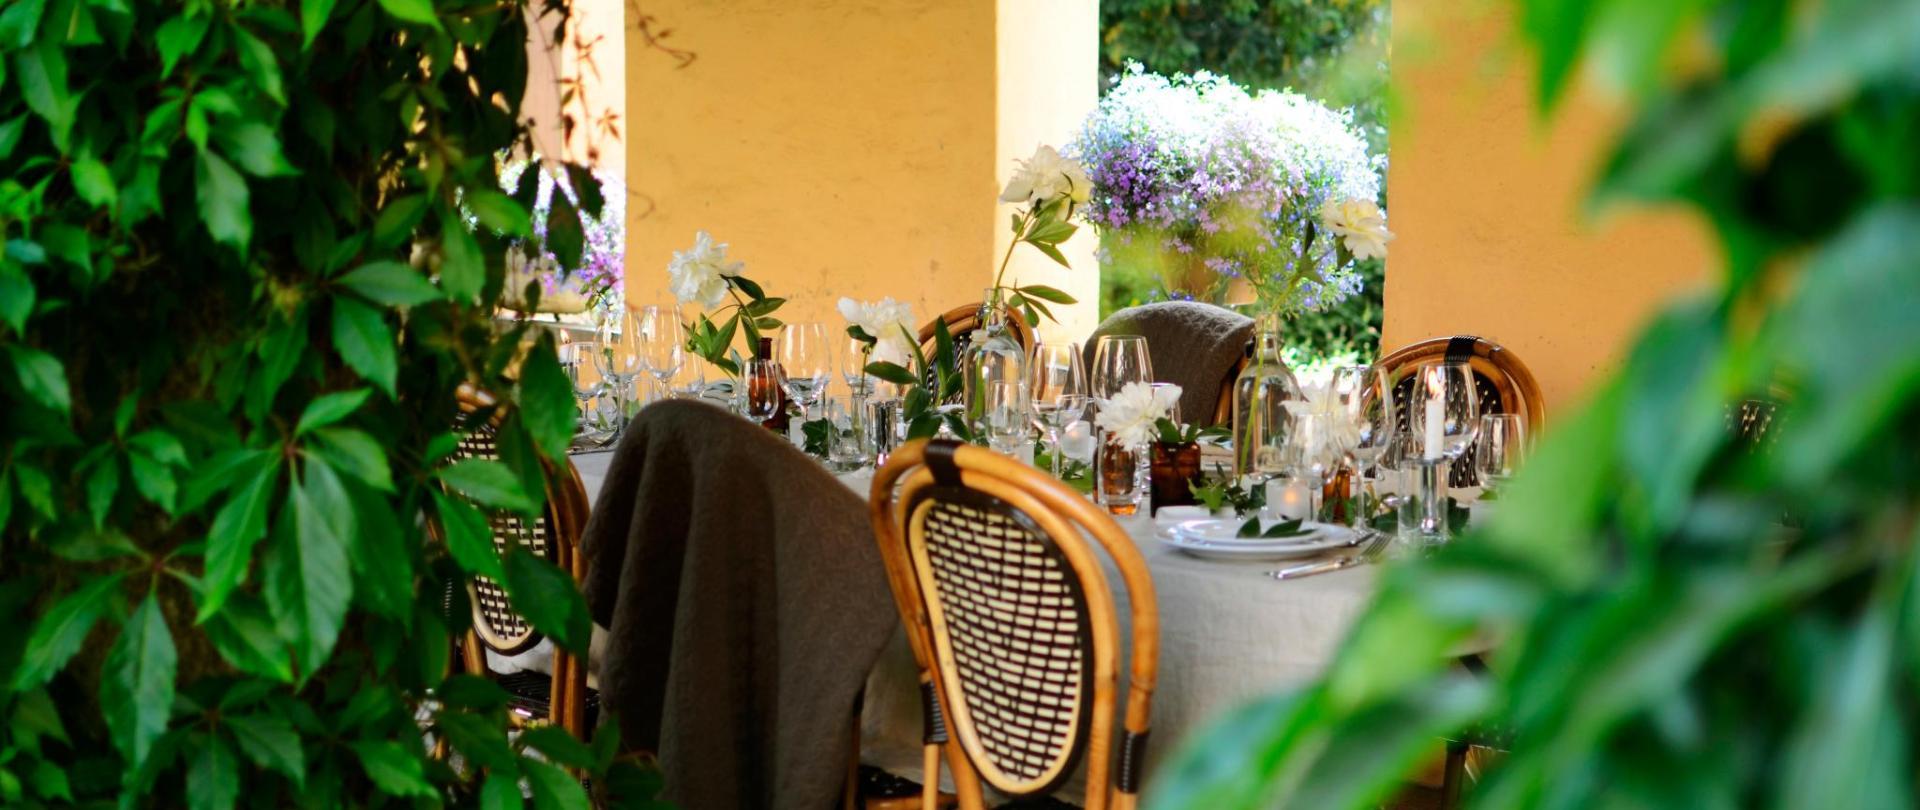 Sommarfest och bröllop_5.jpg